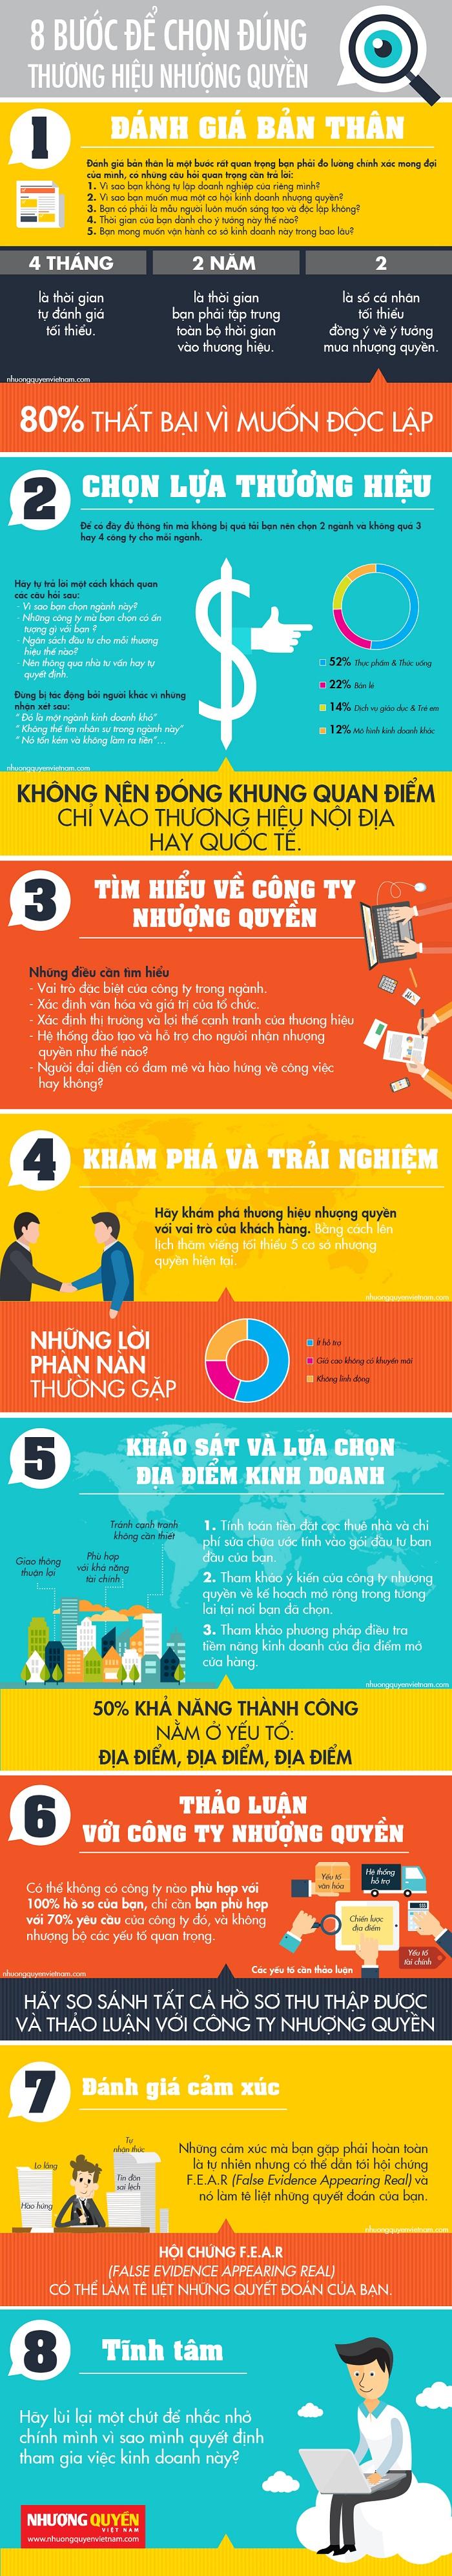 8 bước để chọn đúng thương hiệu nhượng quyền